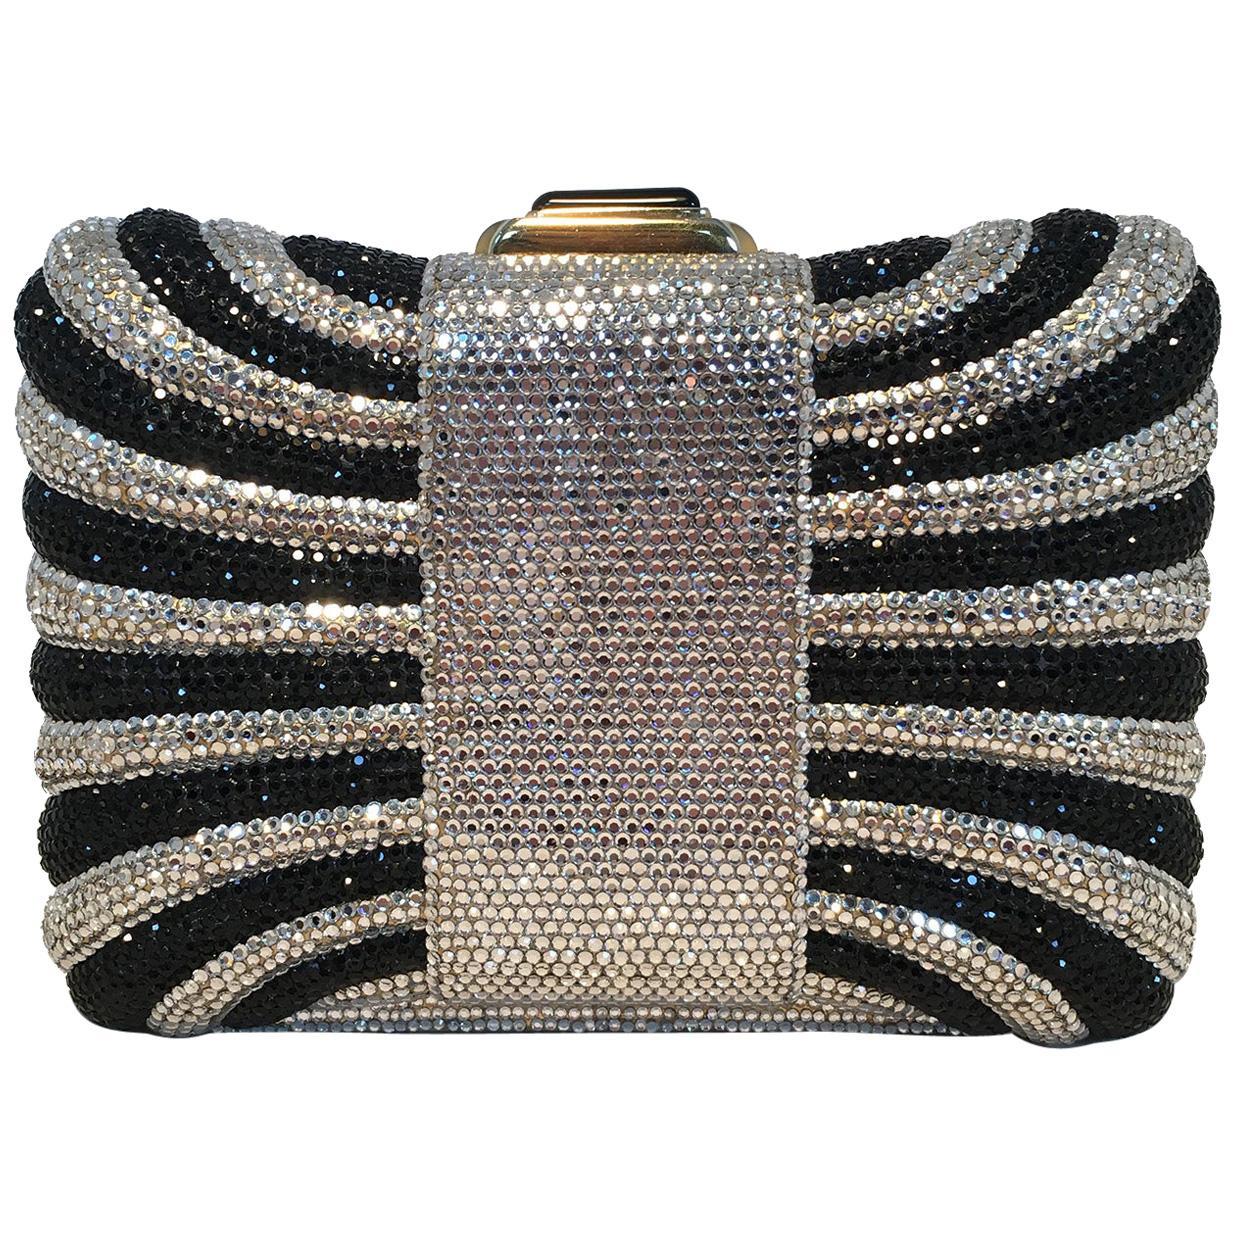 3d894c8fb62f Vintage and Designer Bags - 22,763 For Sale at 1stdibs